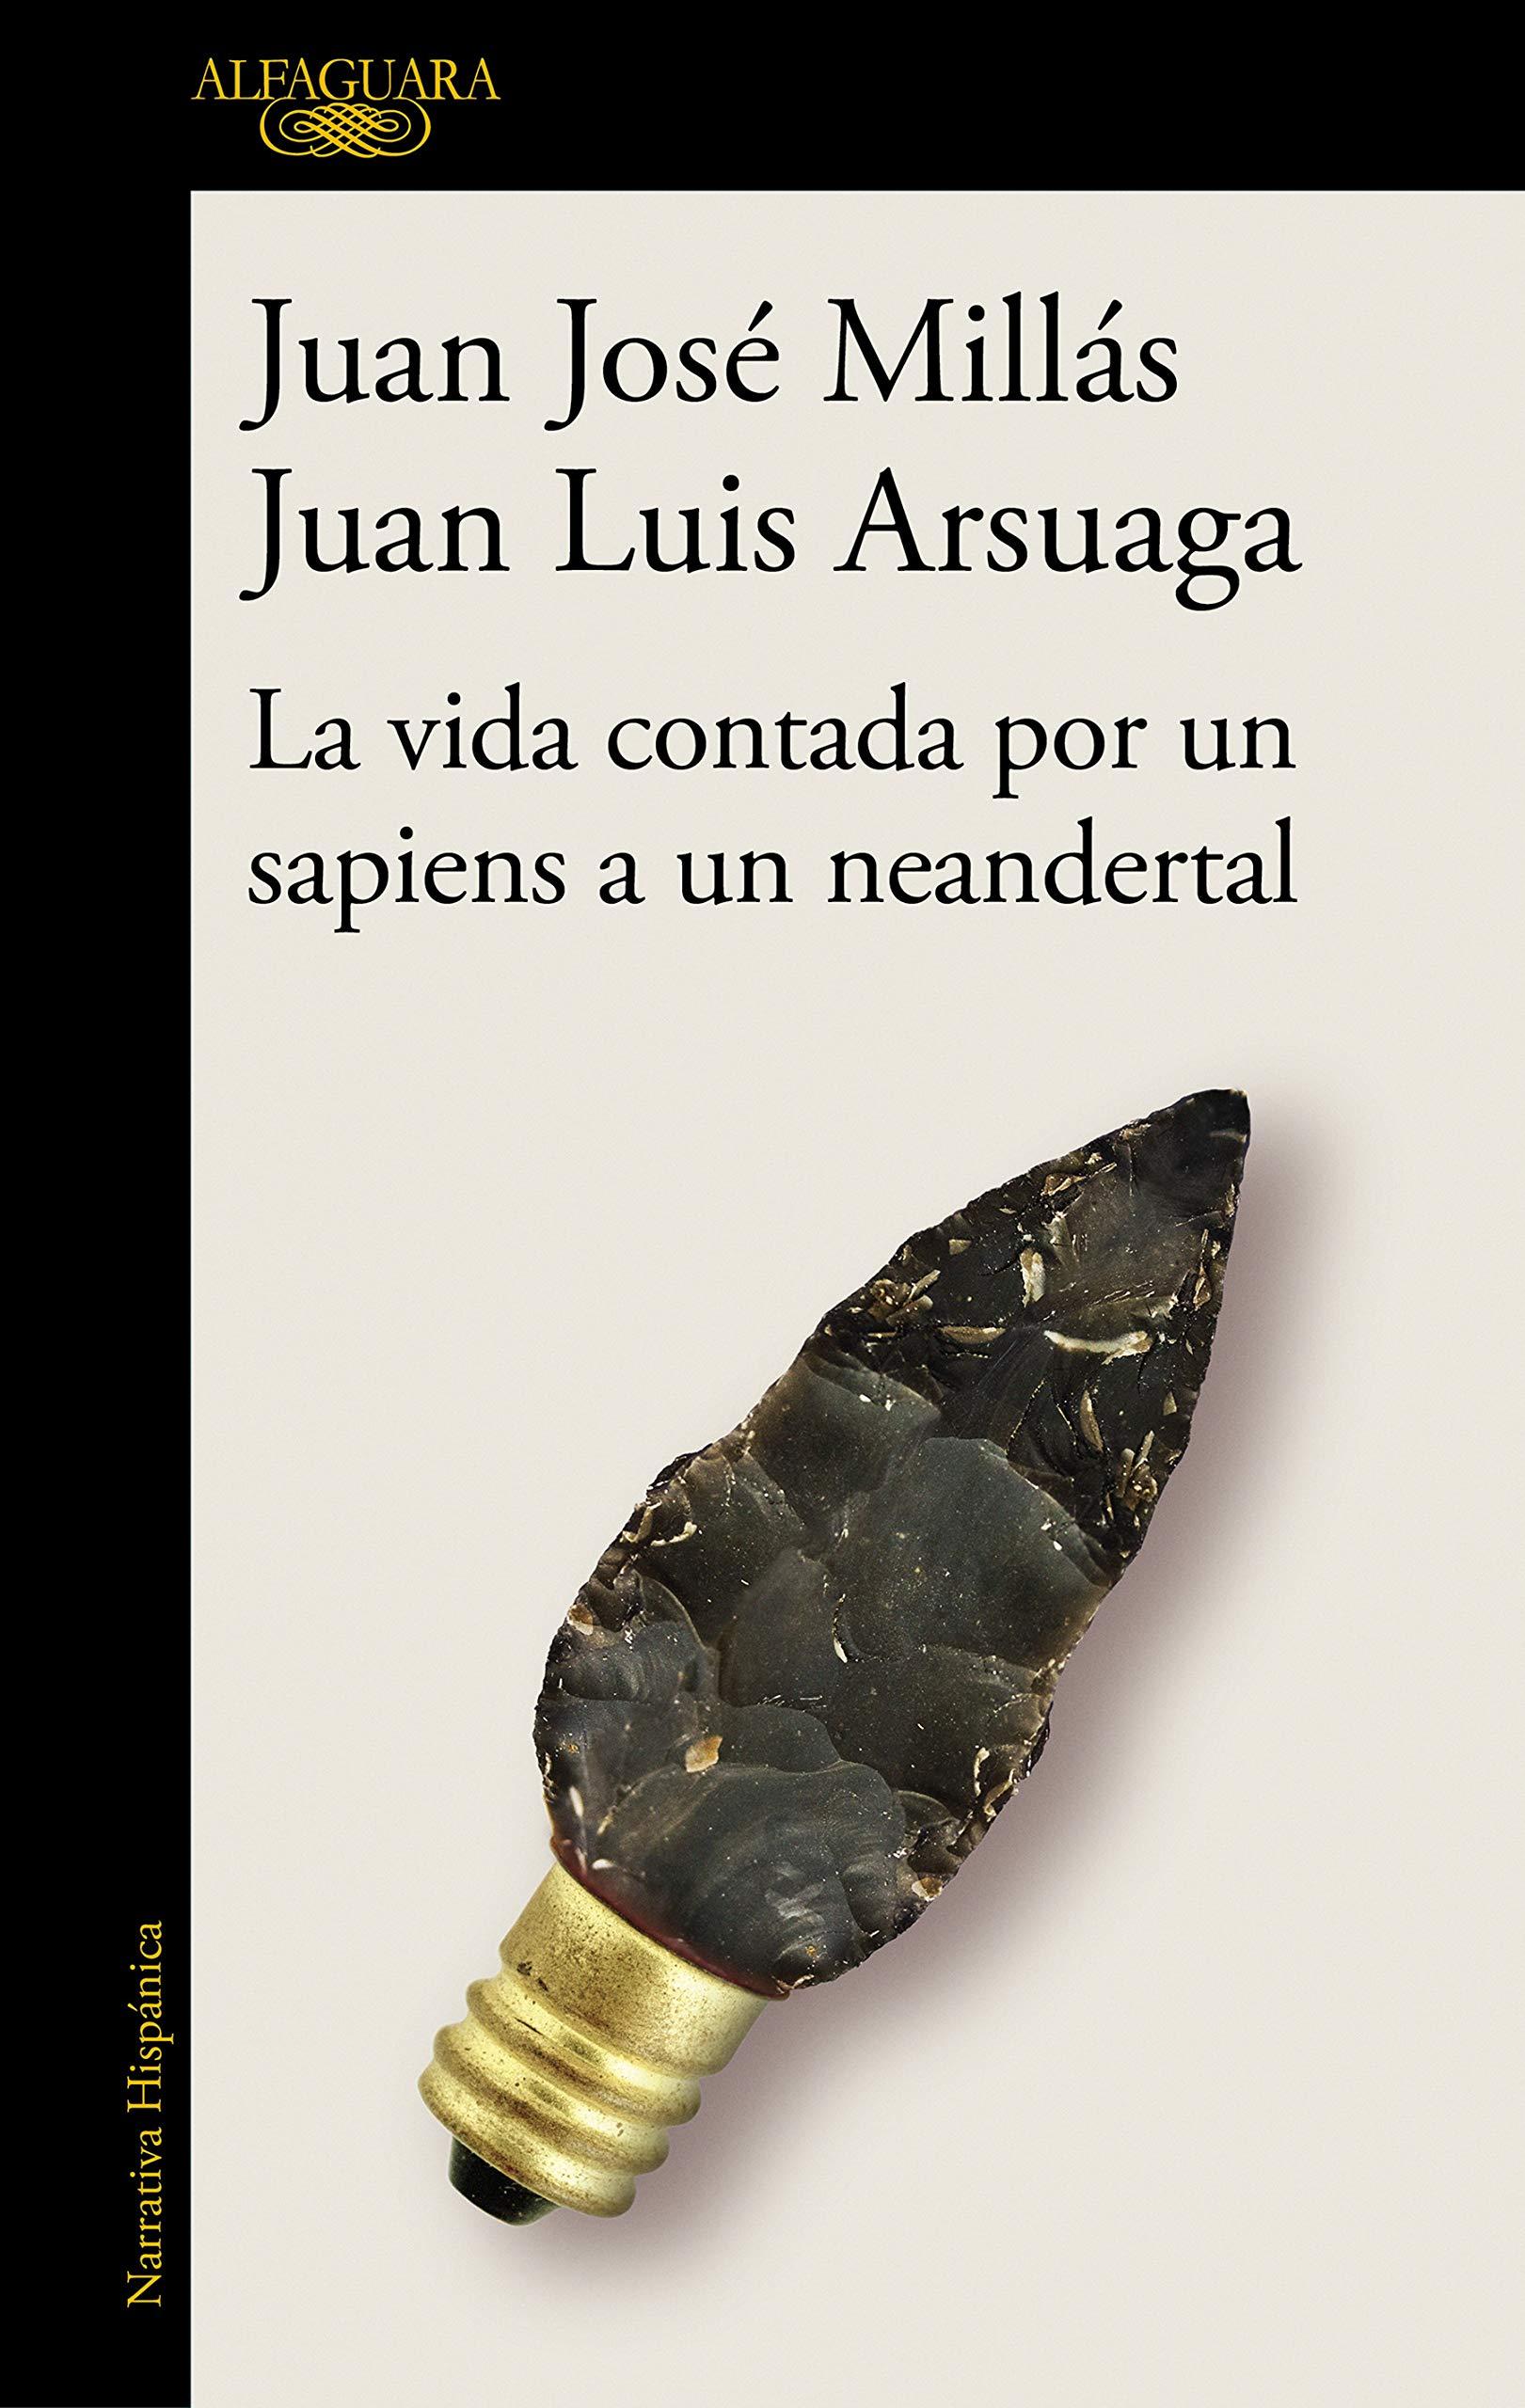 La vida contada por un sapiens a un neandertal Hispánica: Amazon.es: Millás, Juan José, Arsuaga, Juan Luis: Libros